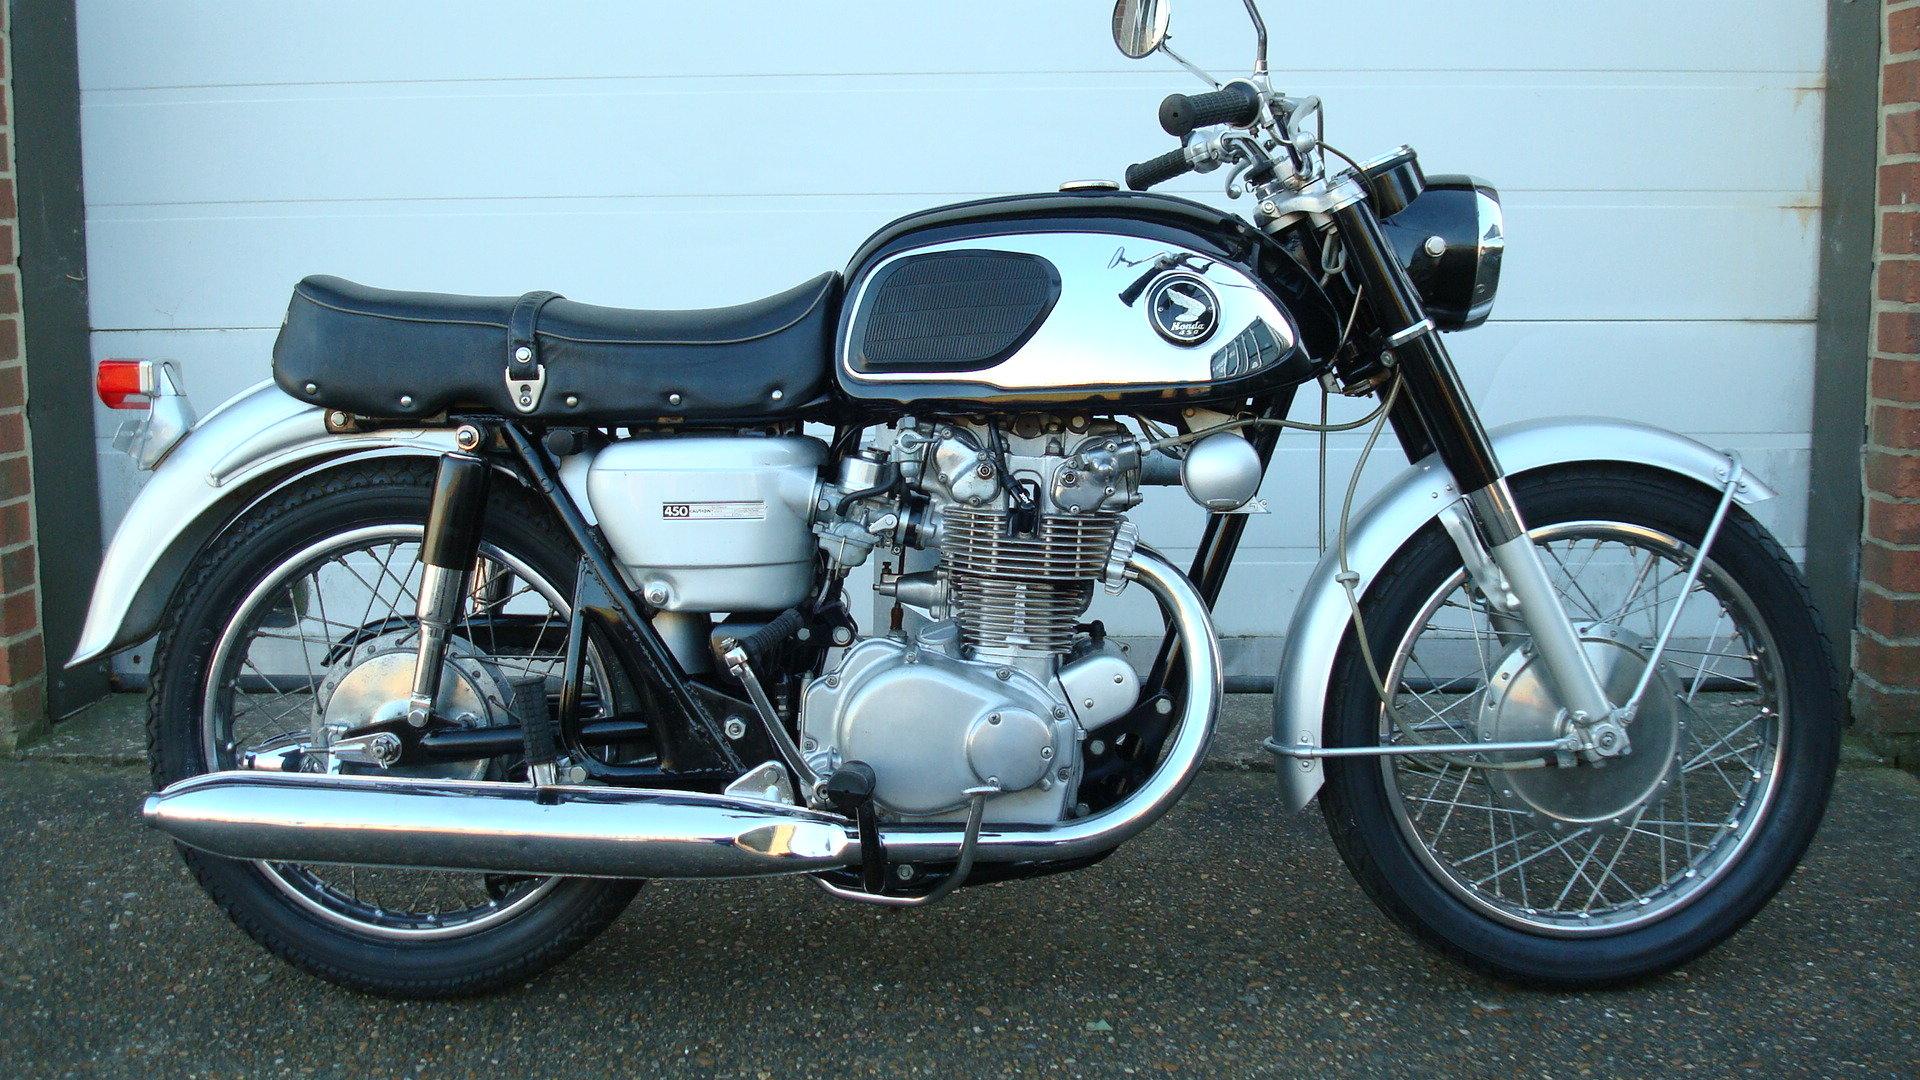 1968 Honda CB 450 K0 BLACK BOMBER 1969-G *UN-RESTORED* For Sale (picture 1 of 6)